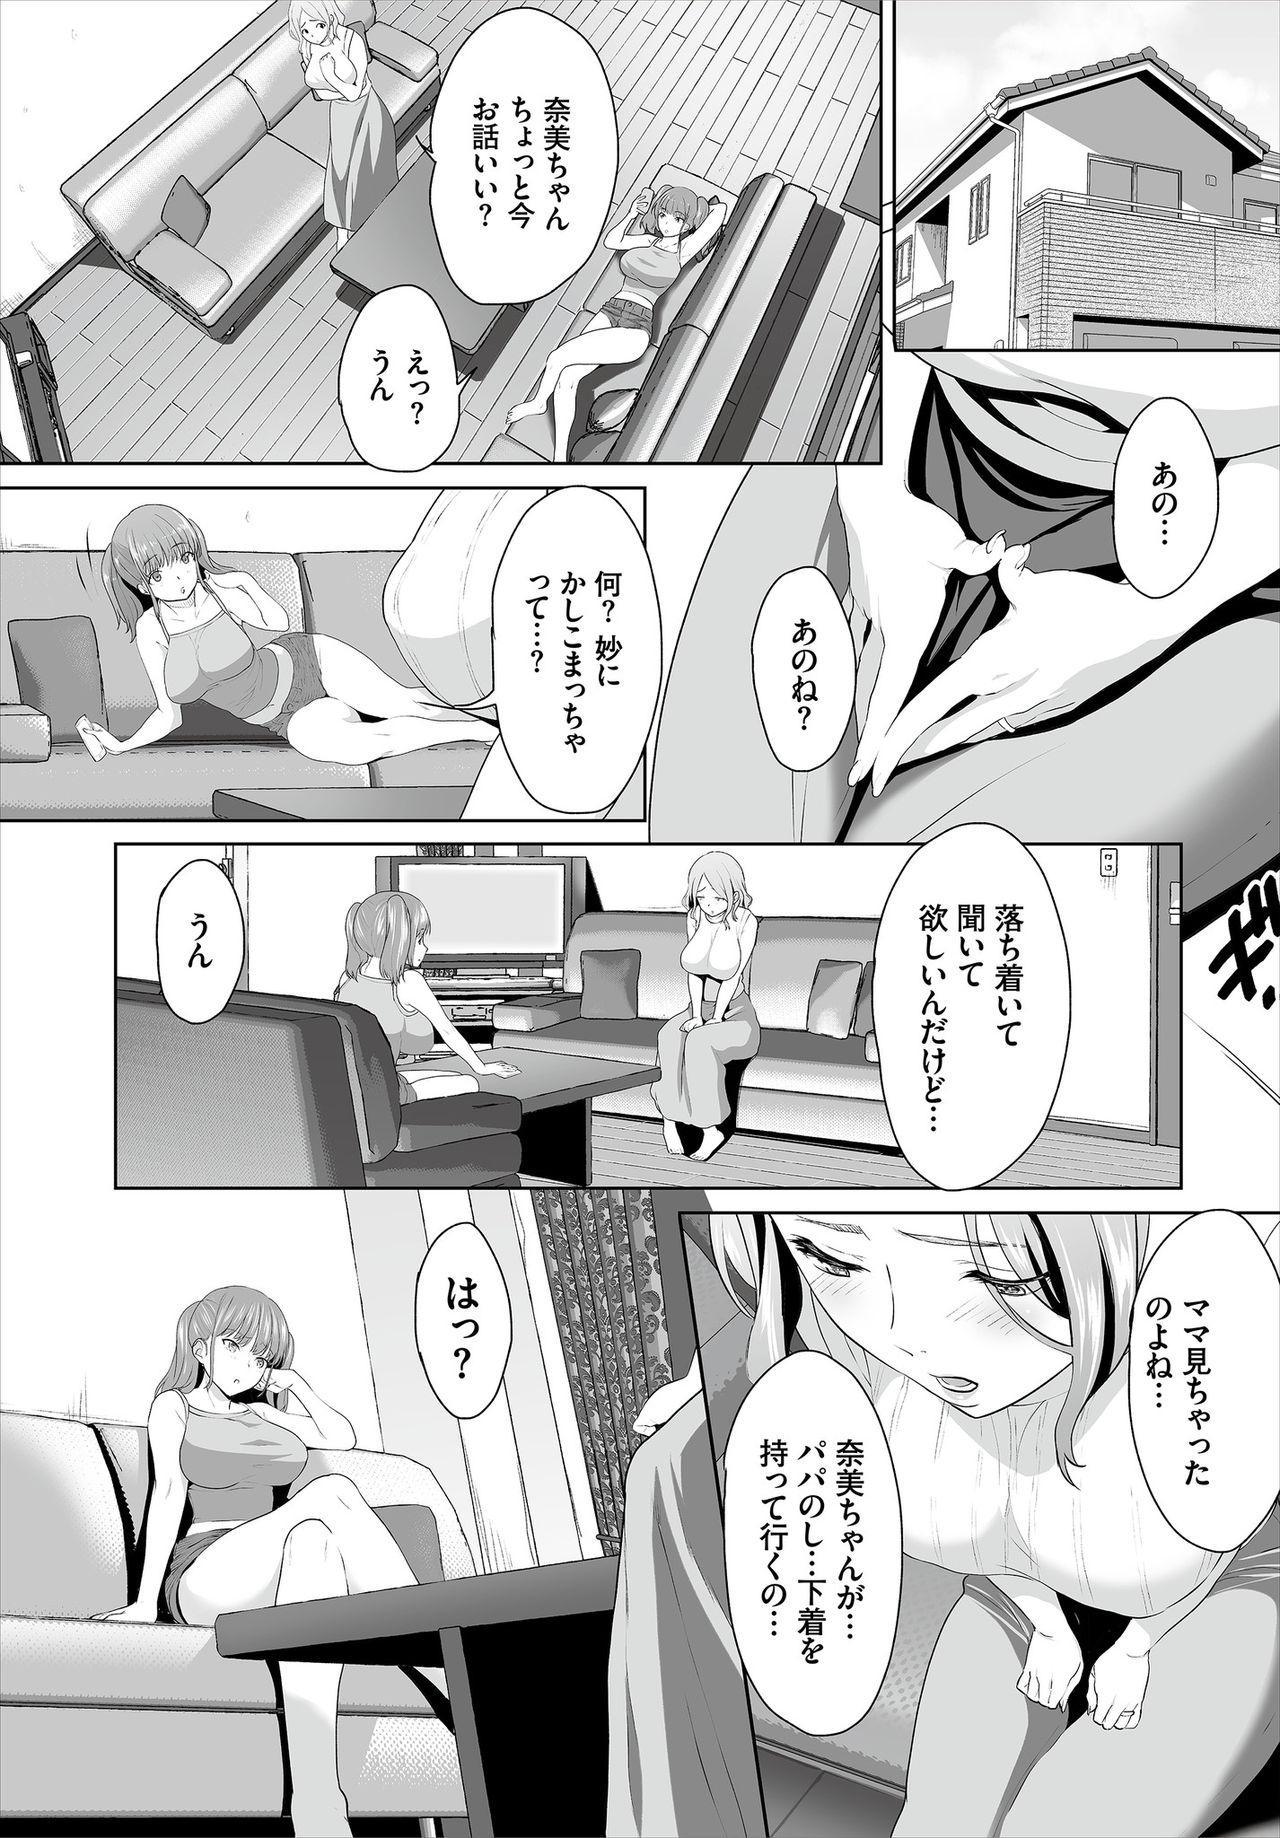 Zessan Haishinchuu Gibo Nikubenki Keikaku! Ch. 6-9 6